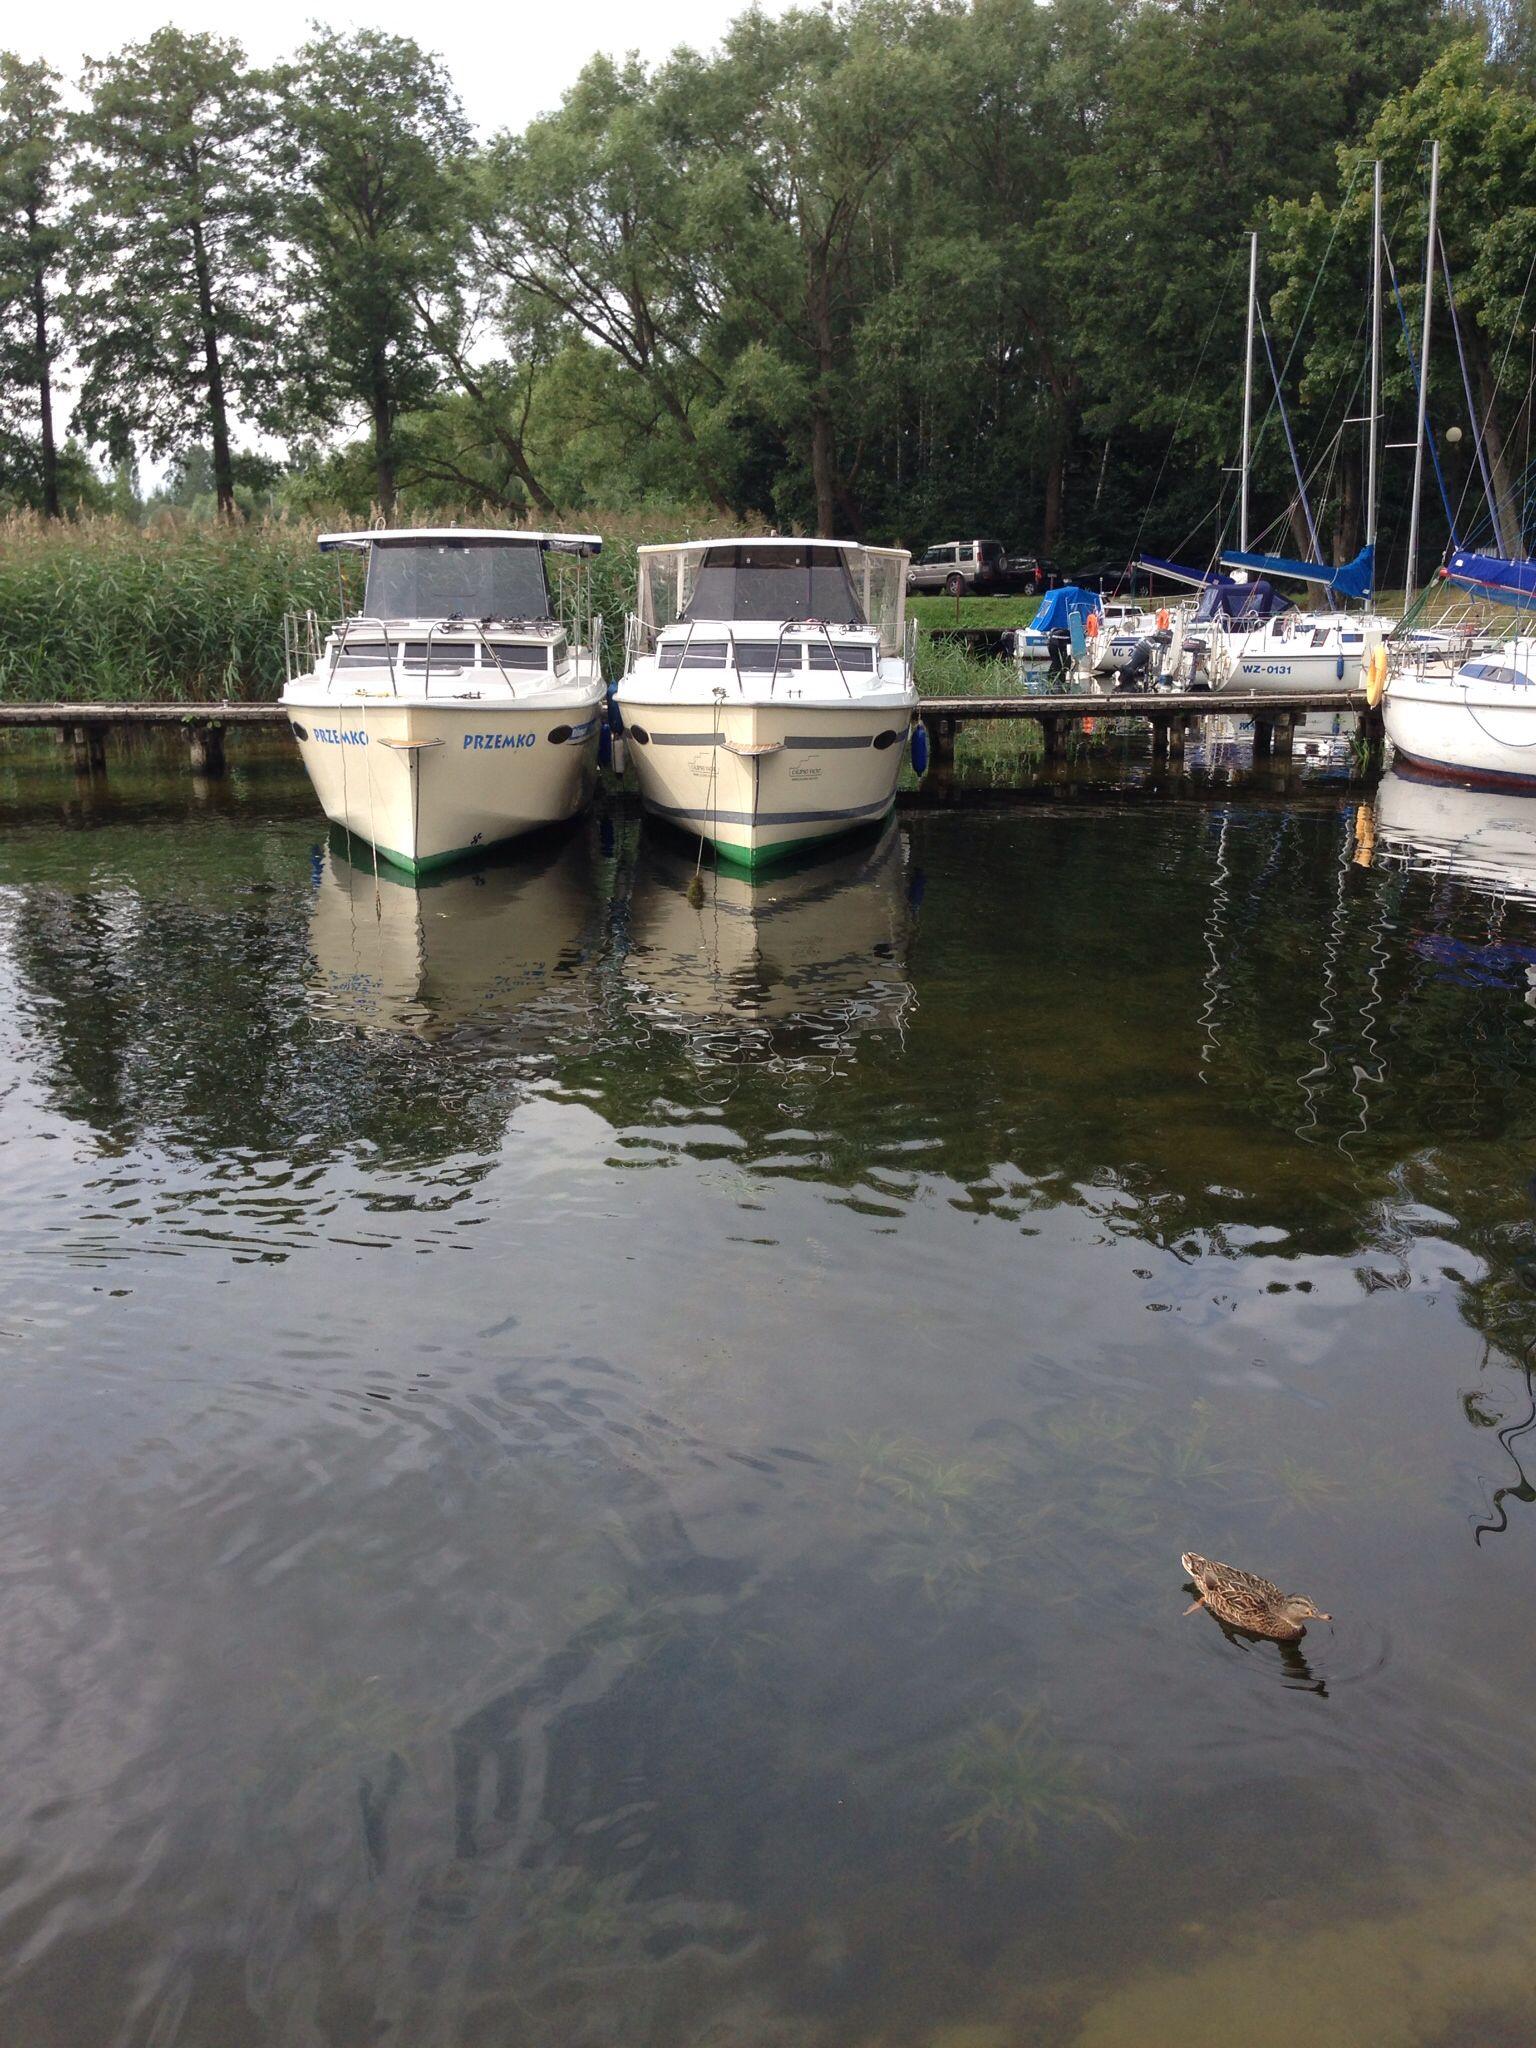 #hausboote Masuren #polen urlaub #houseboat poland